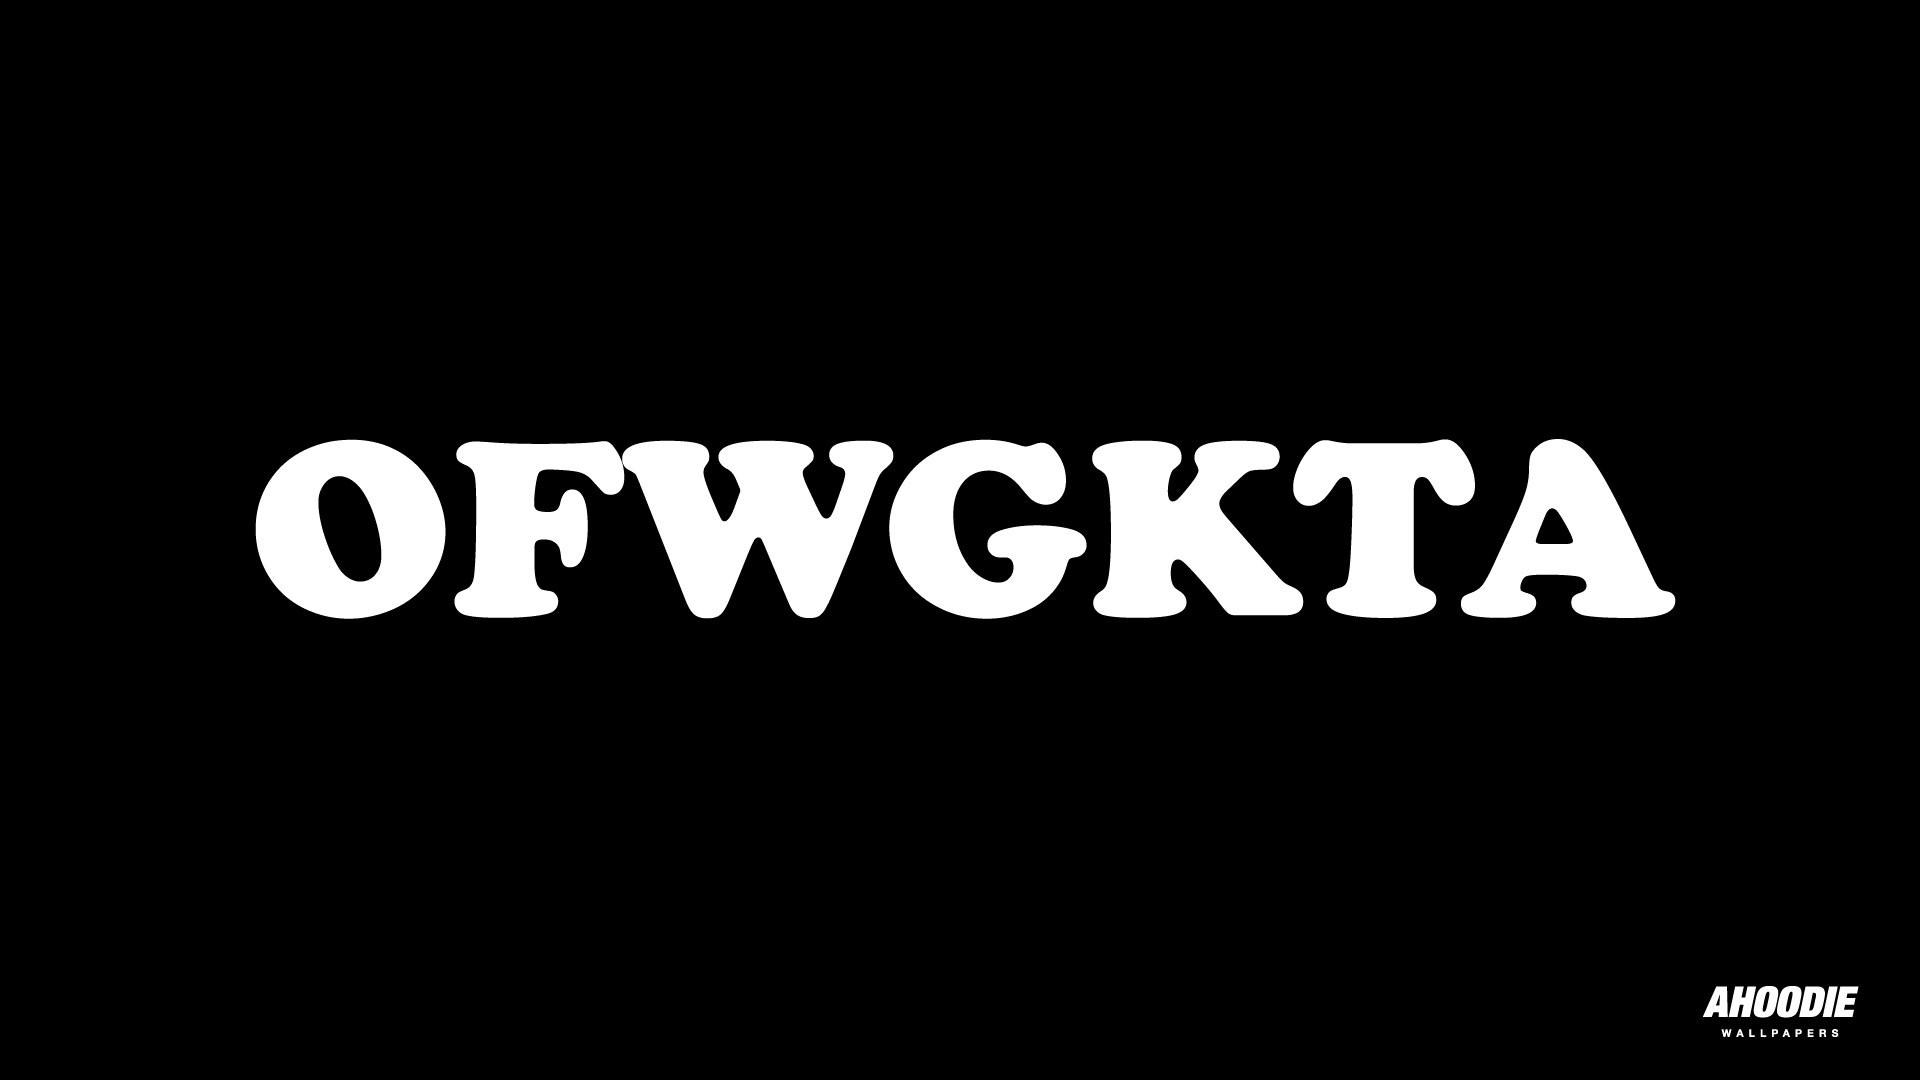 Ofwgkta Facebook Cover